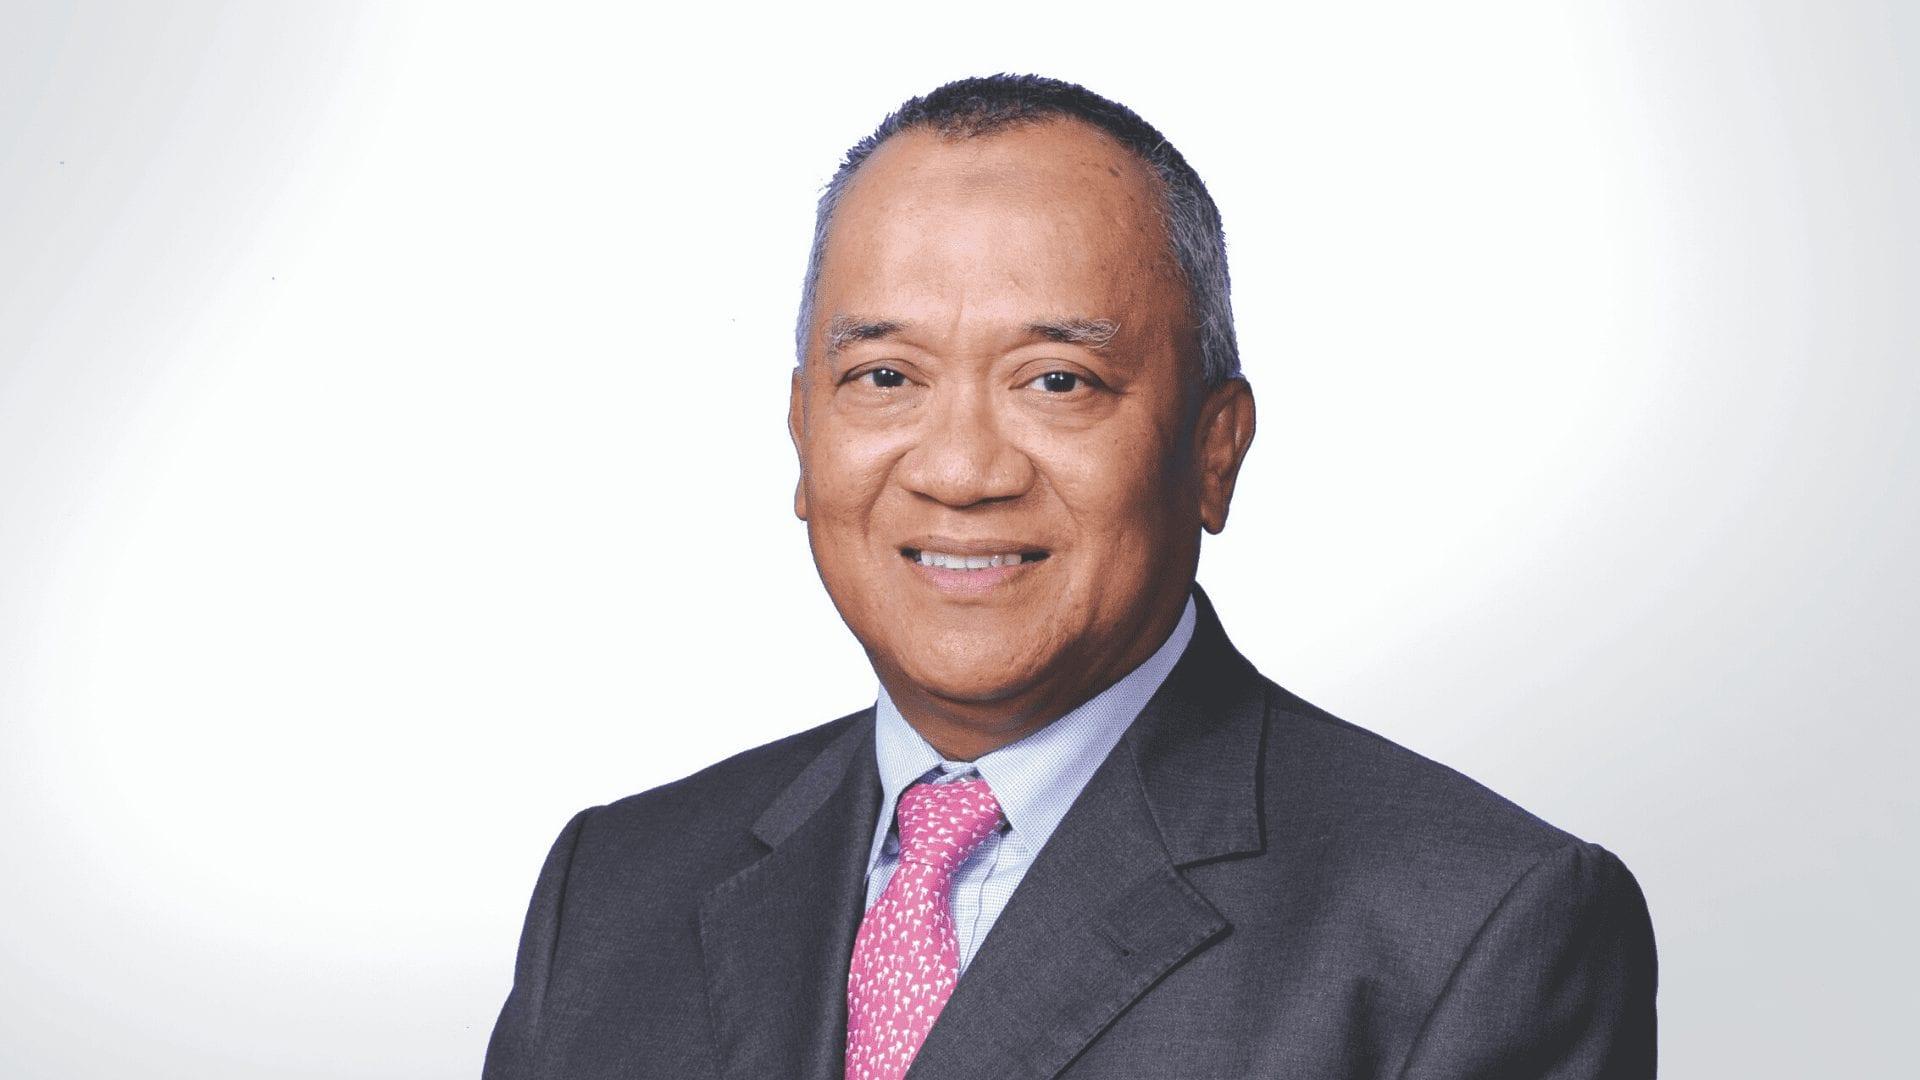 Ahamad Mohamad